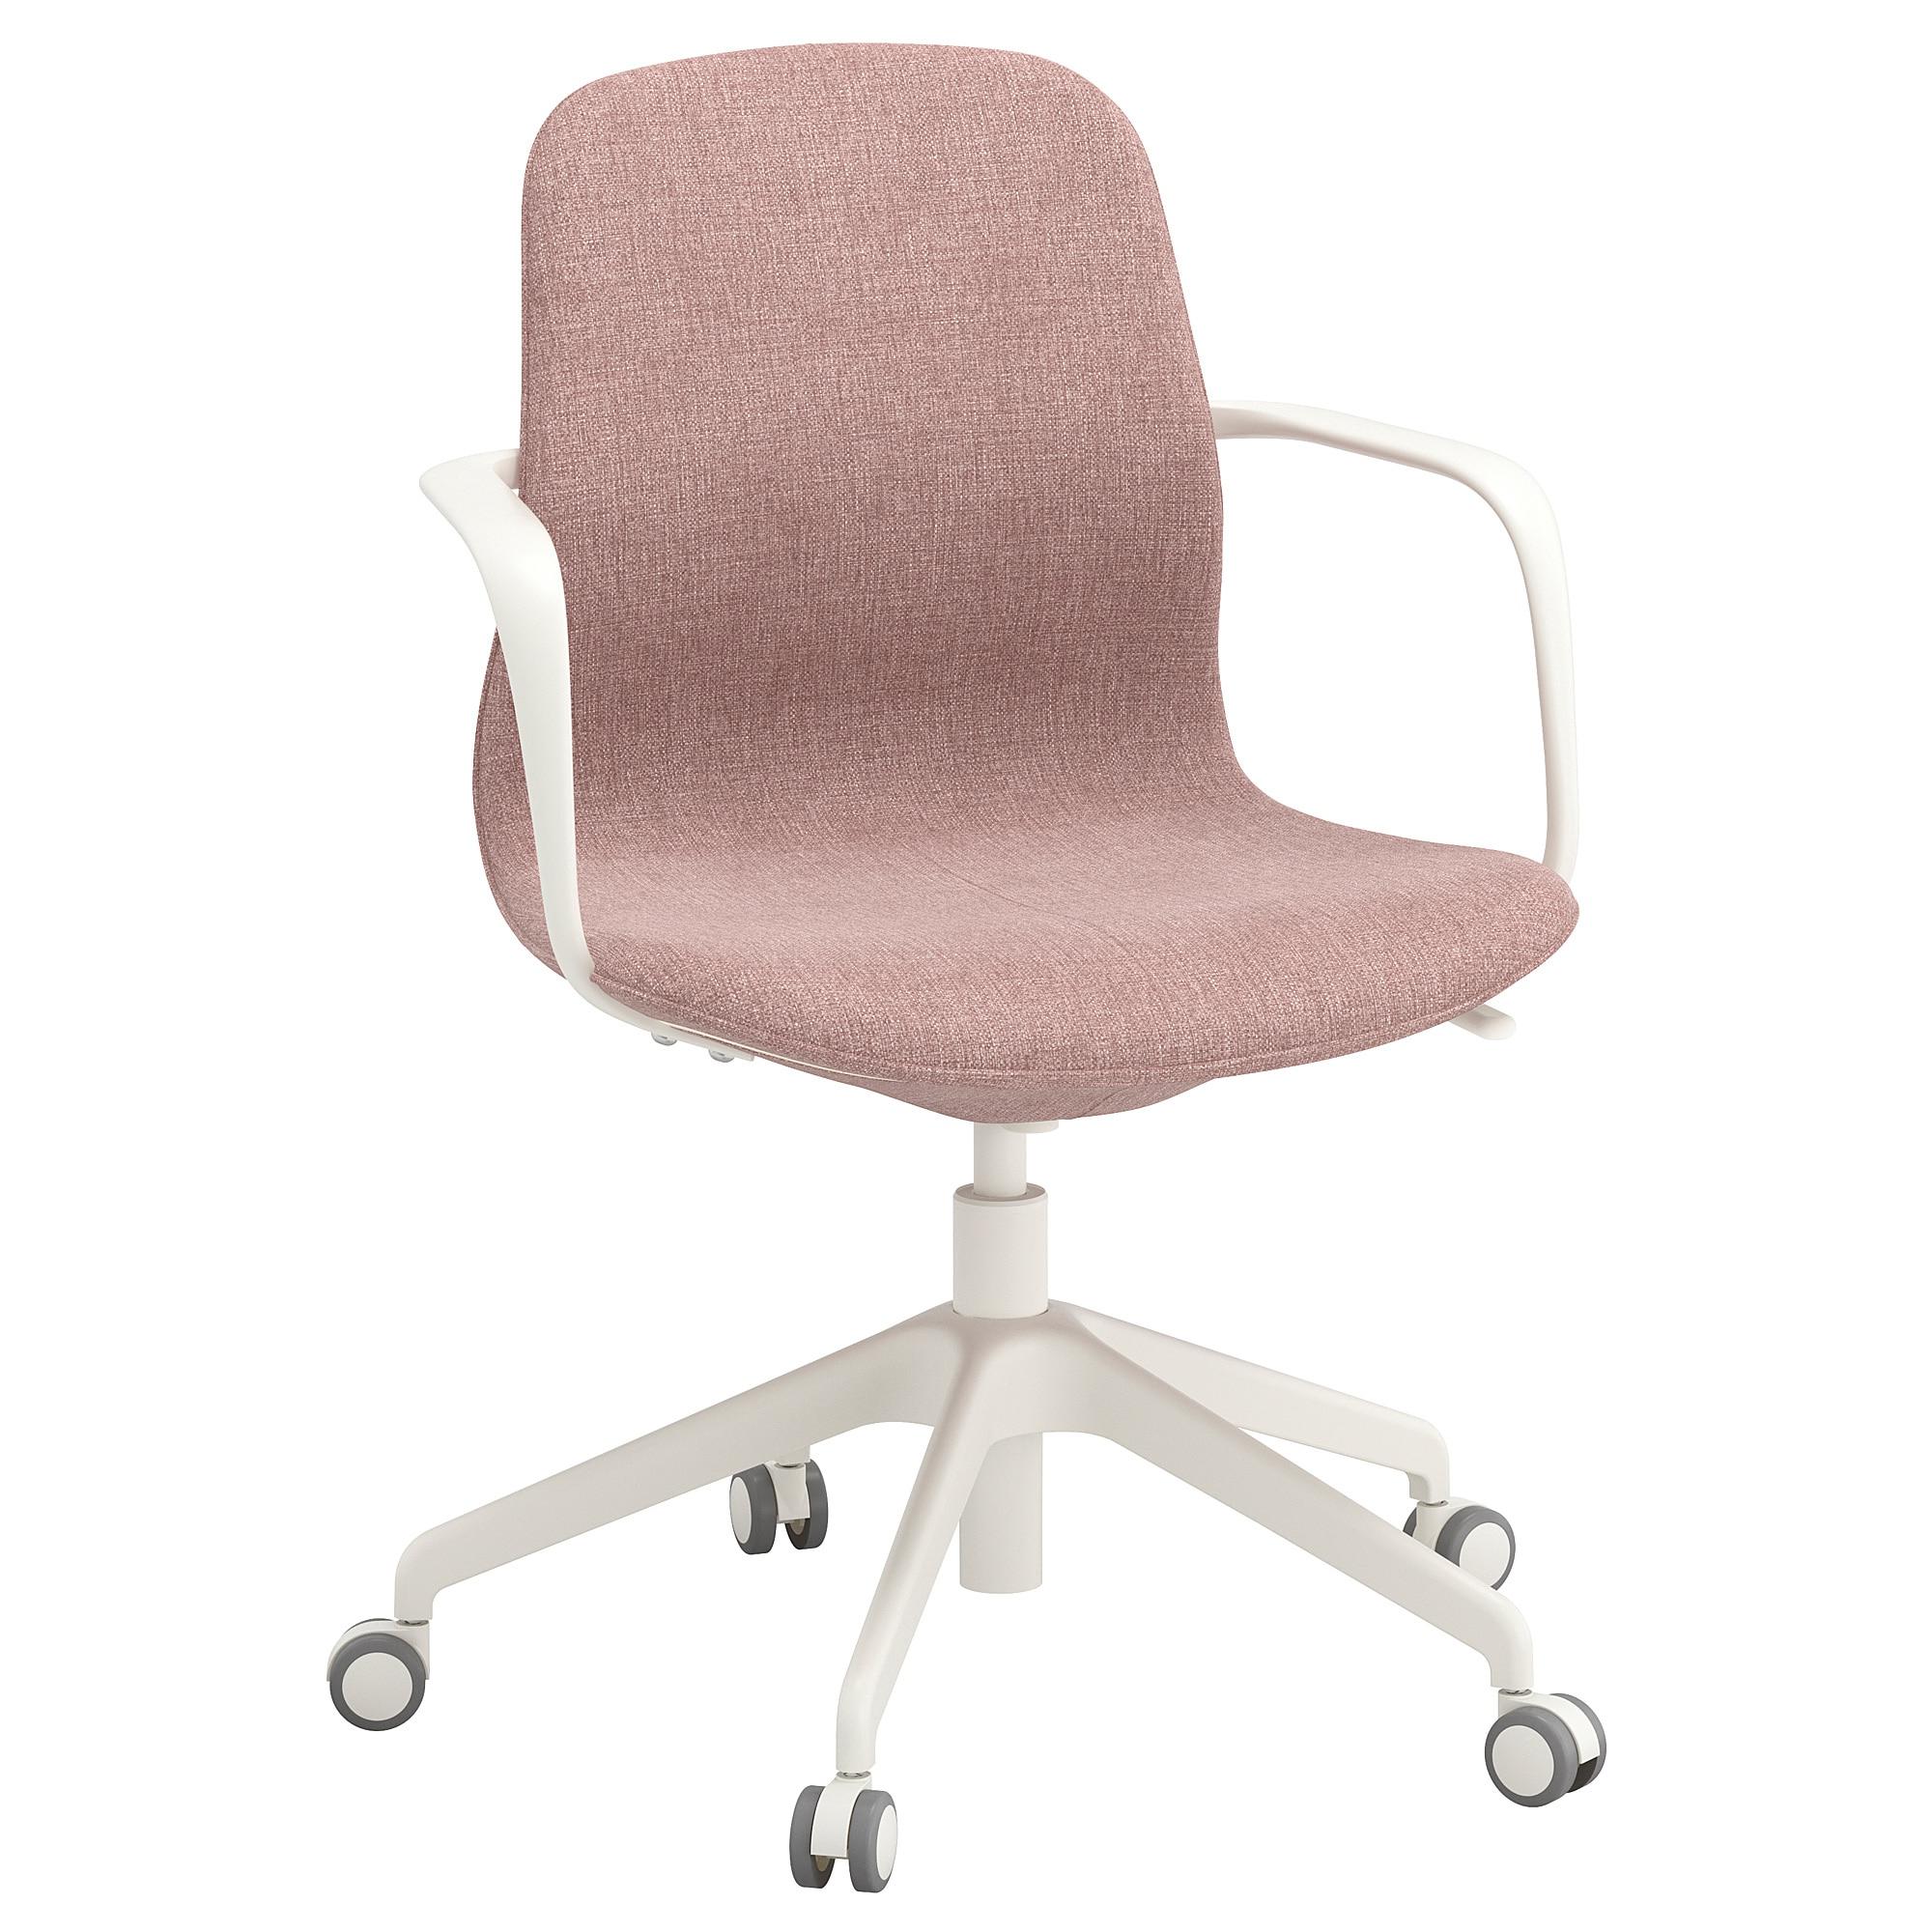 Silla Despacho Ikea Gdd0 Sillas De Oficina Y Sillas De Trabajo Pra Online Ikea